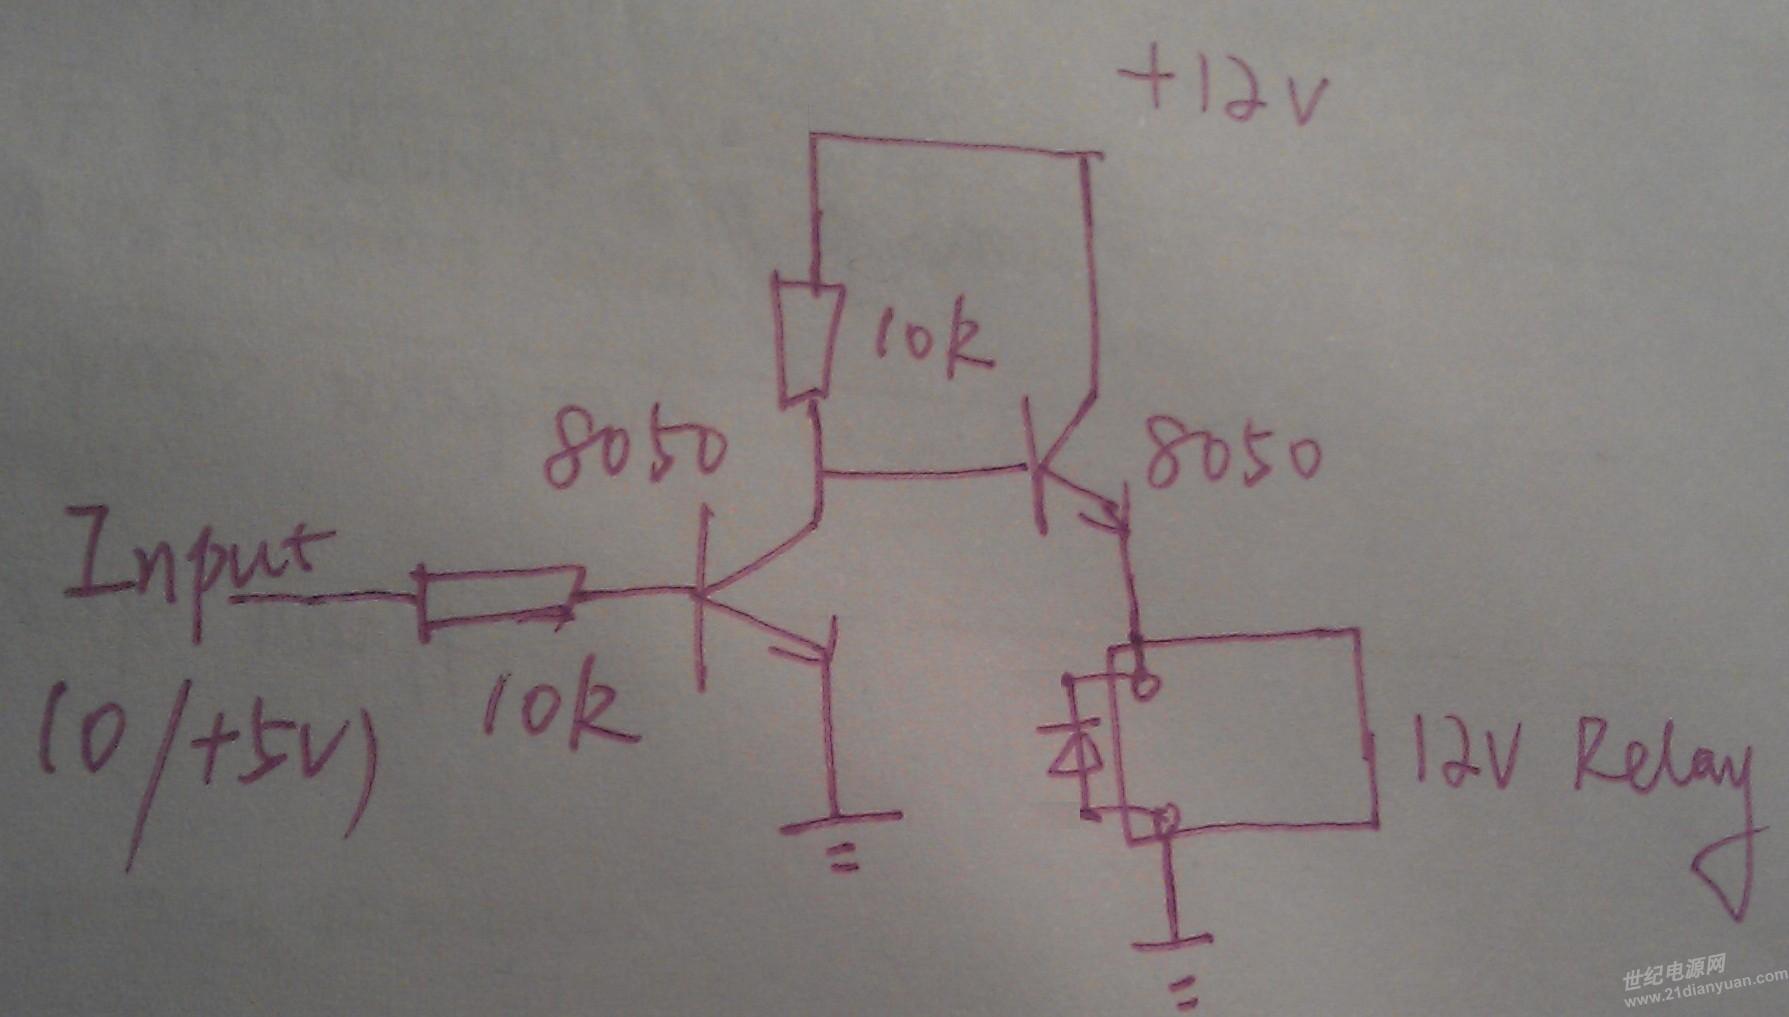 用pnp和npn两个三极管控制继电器的吸合